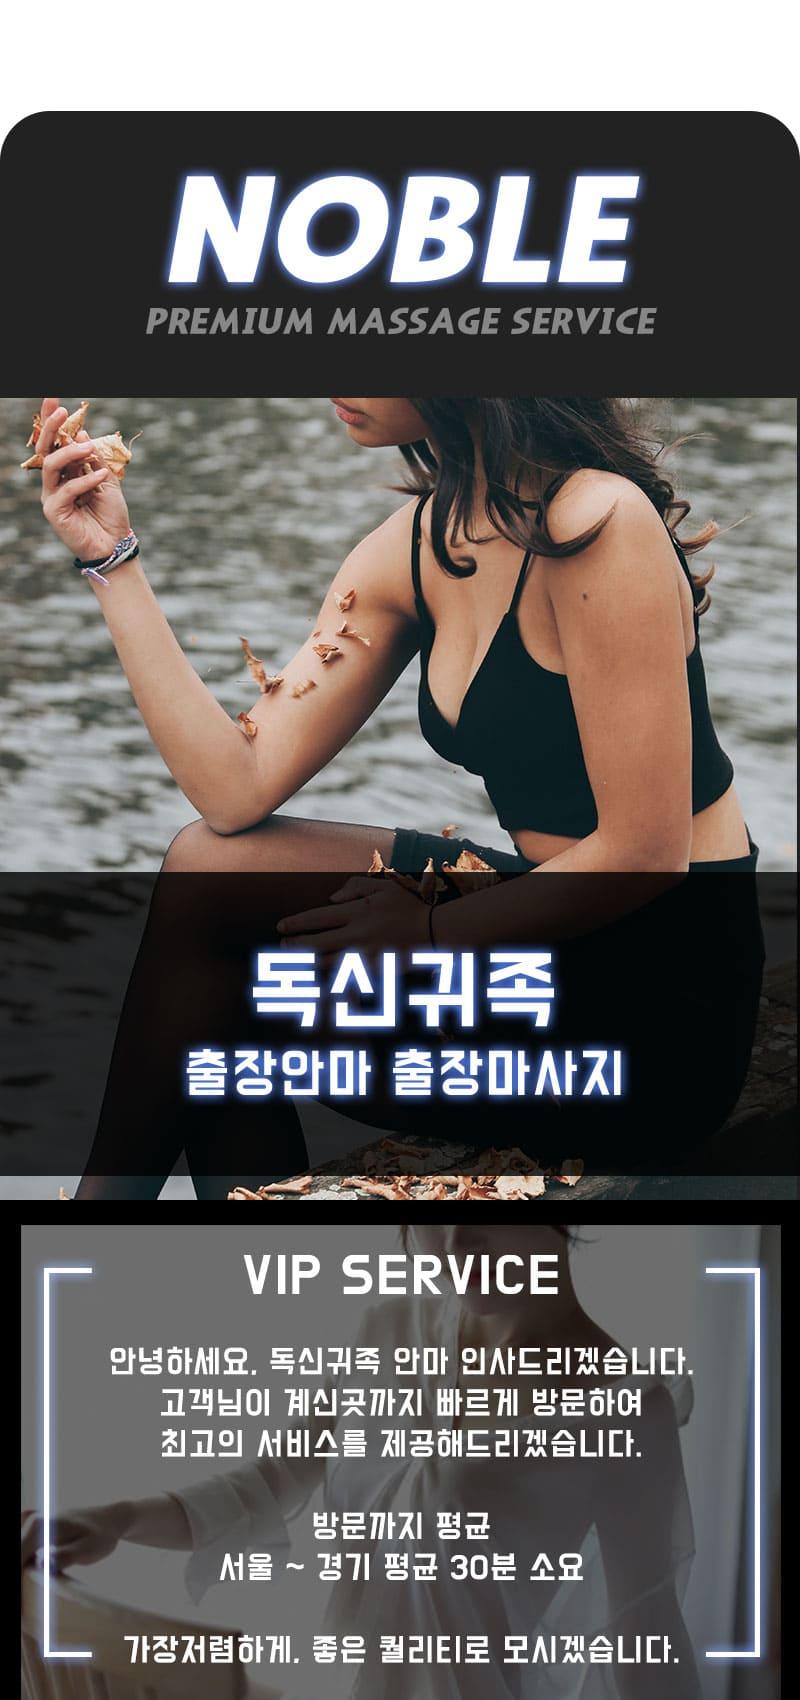 홍은동출장안마 소개